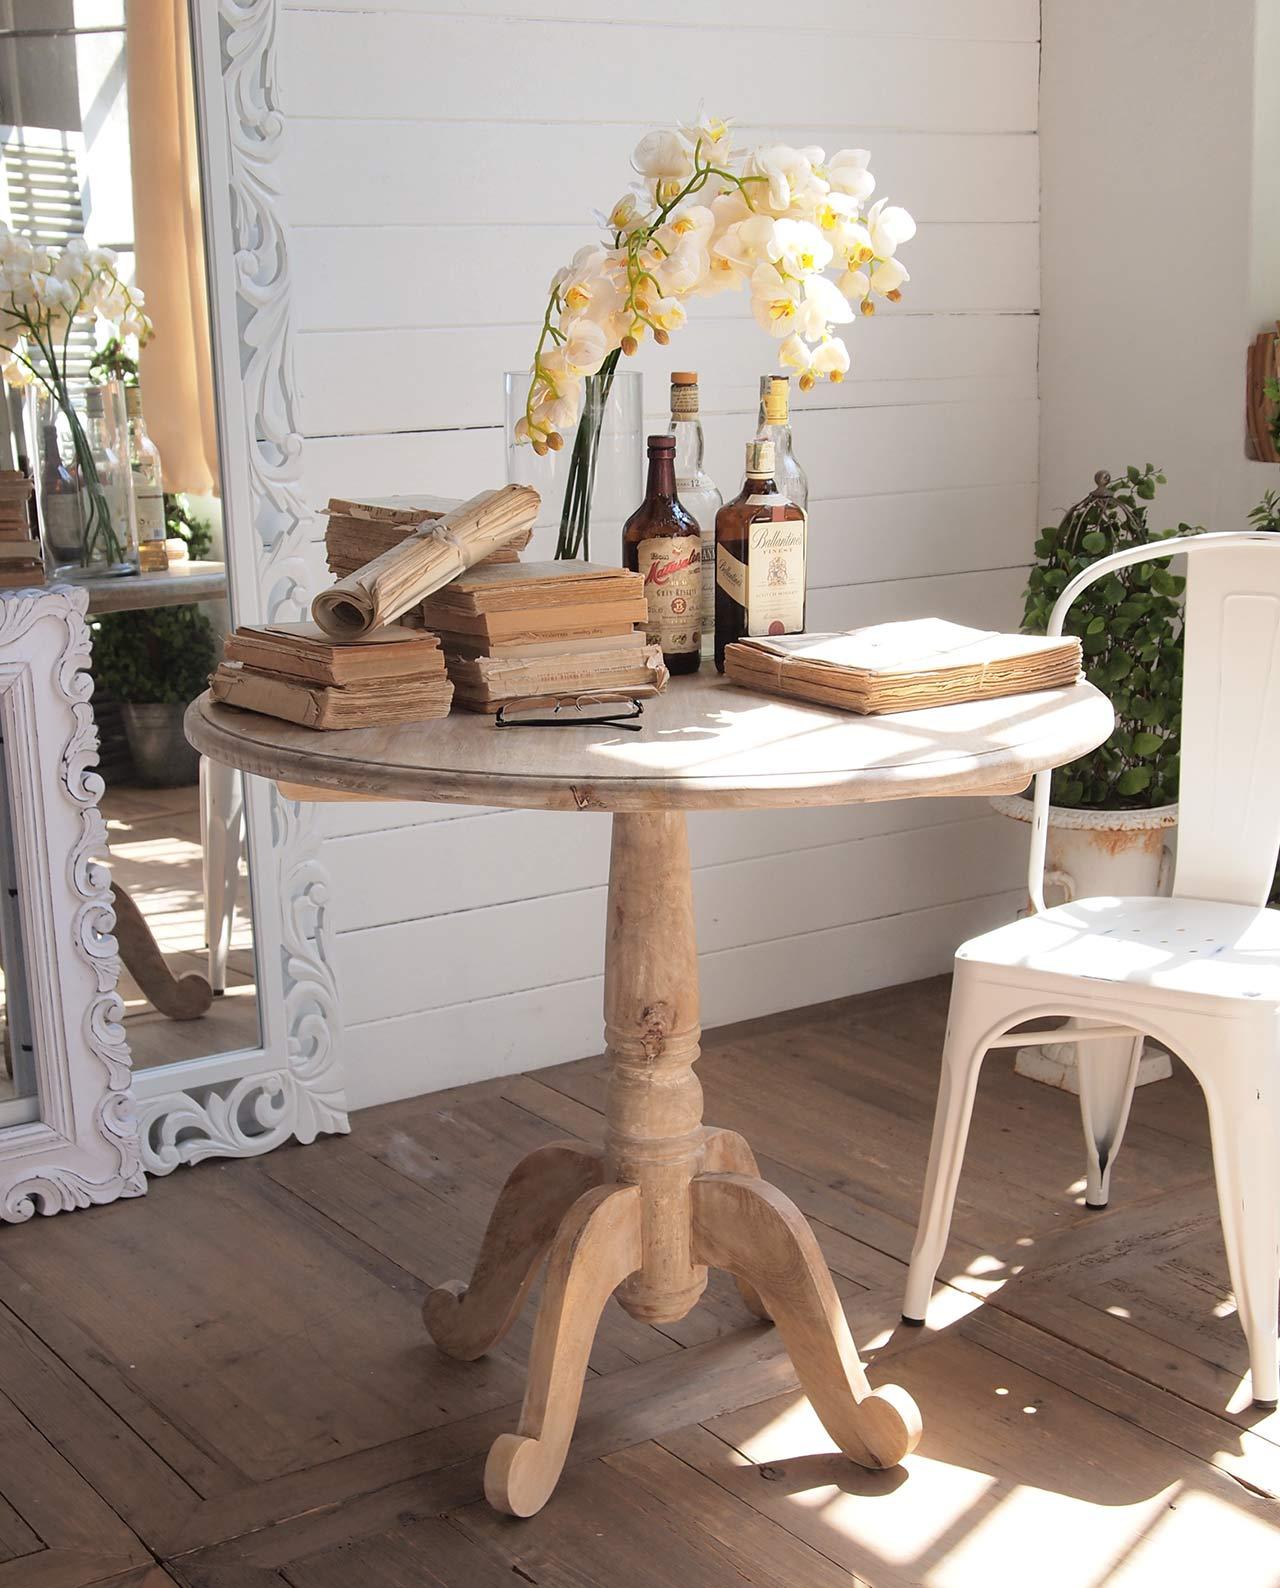 Tavolo rotondo con gamba centrale in legno mobilia store - Tavolo rotondo in legno ...